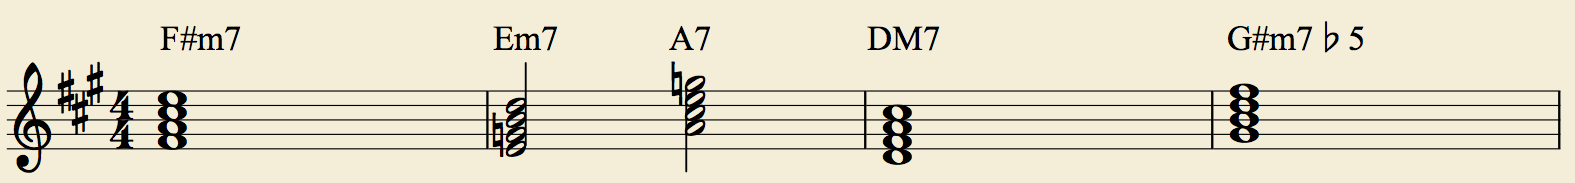 koi35